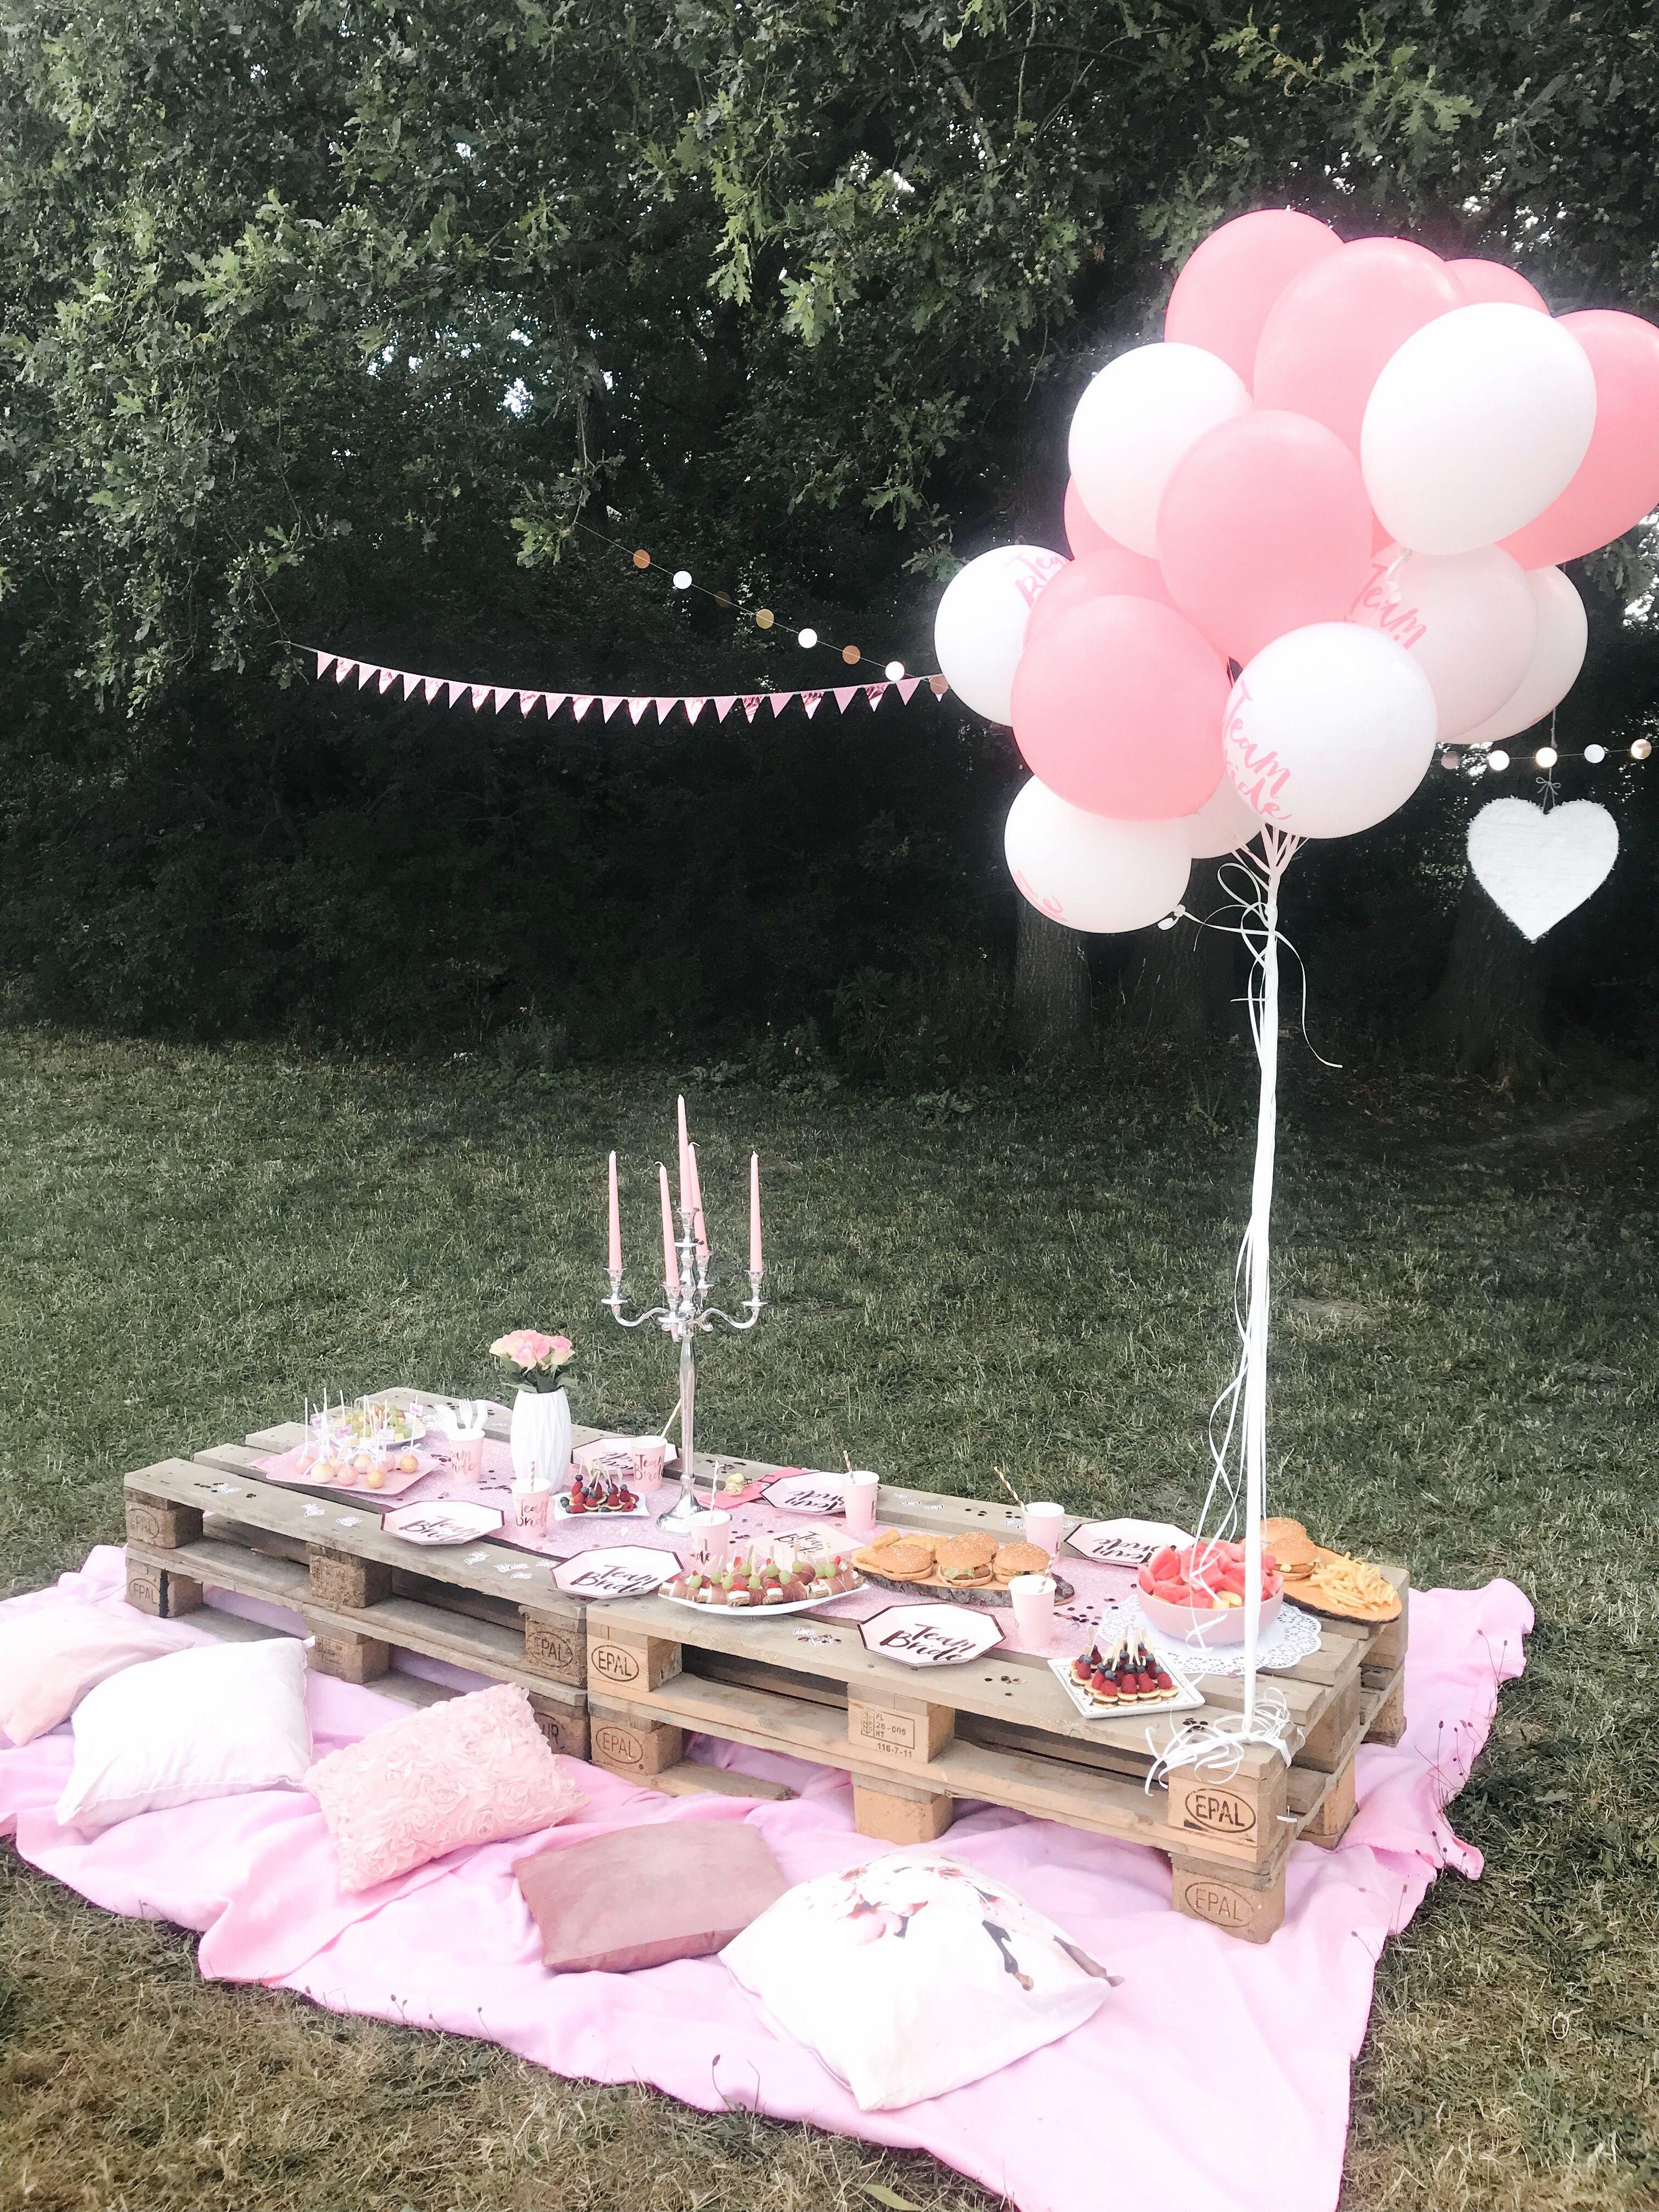 Ideen zum Junggesellenabschied Ein gemtliches Picknick mit leckerem Essen und tollen Spielen